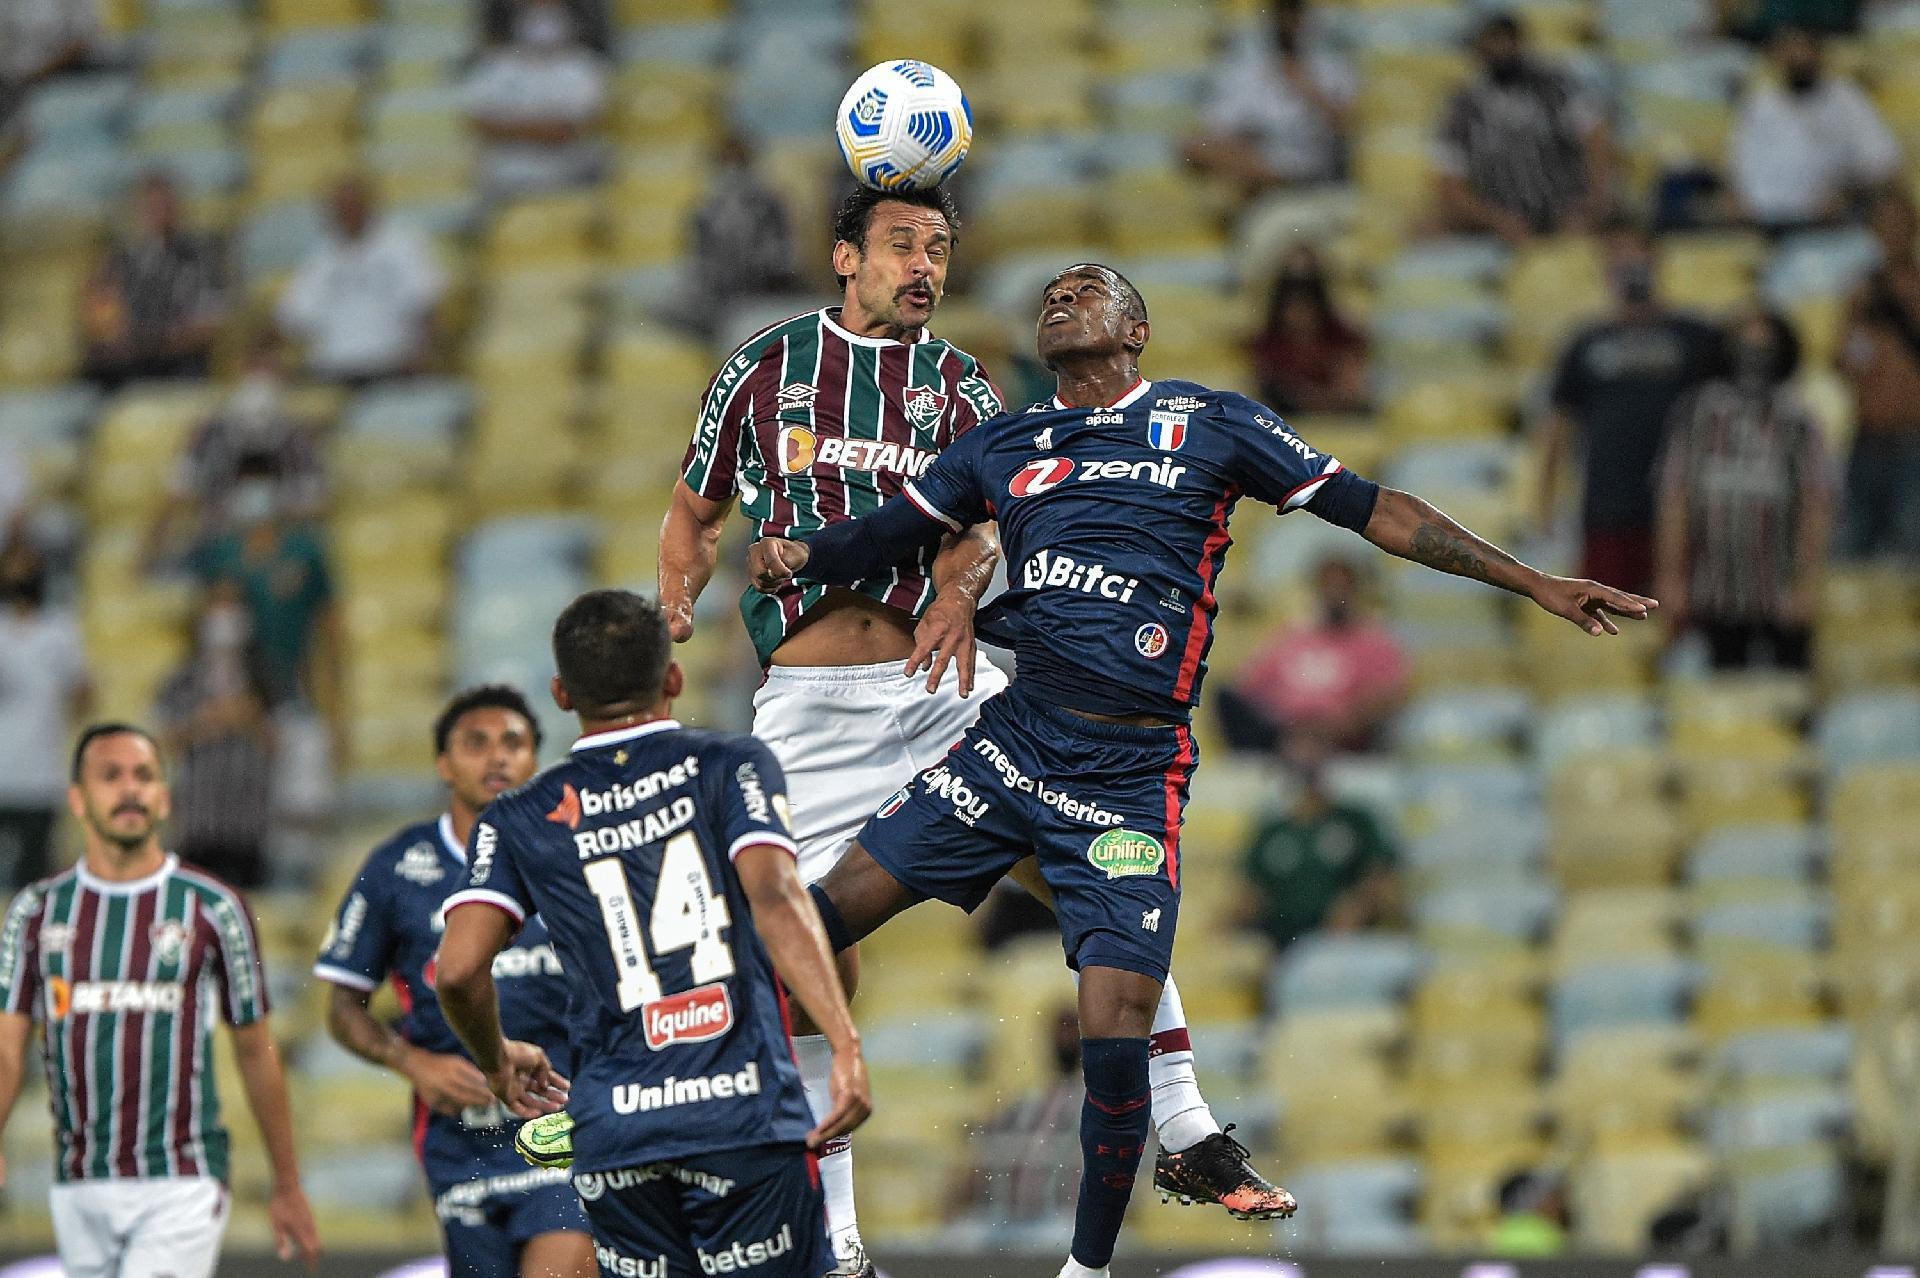 Fred sobe alto em disputa com o zagueiro Marcelo Benevenuto jogador do Fortaleza, no estádio do Maracanã